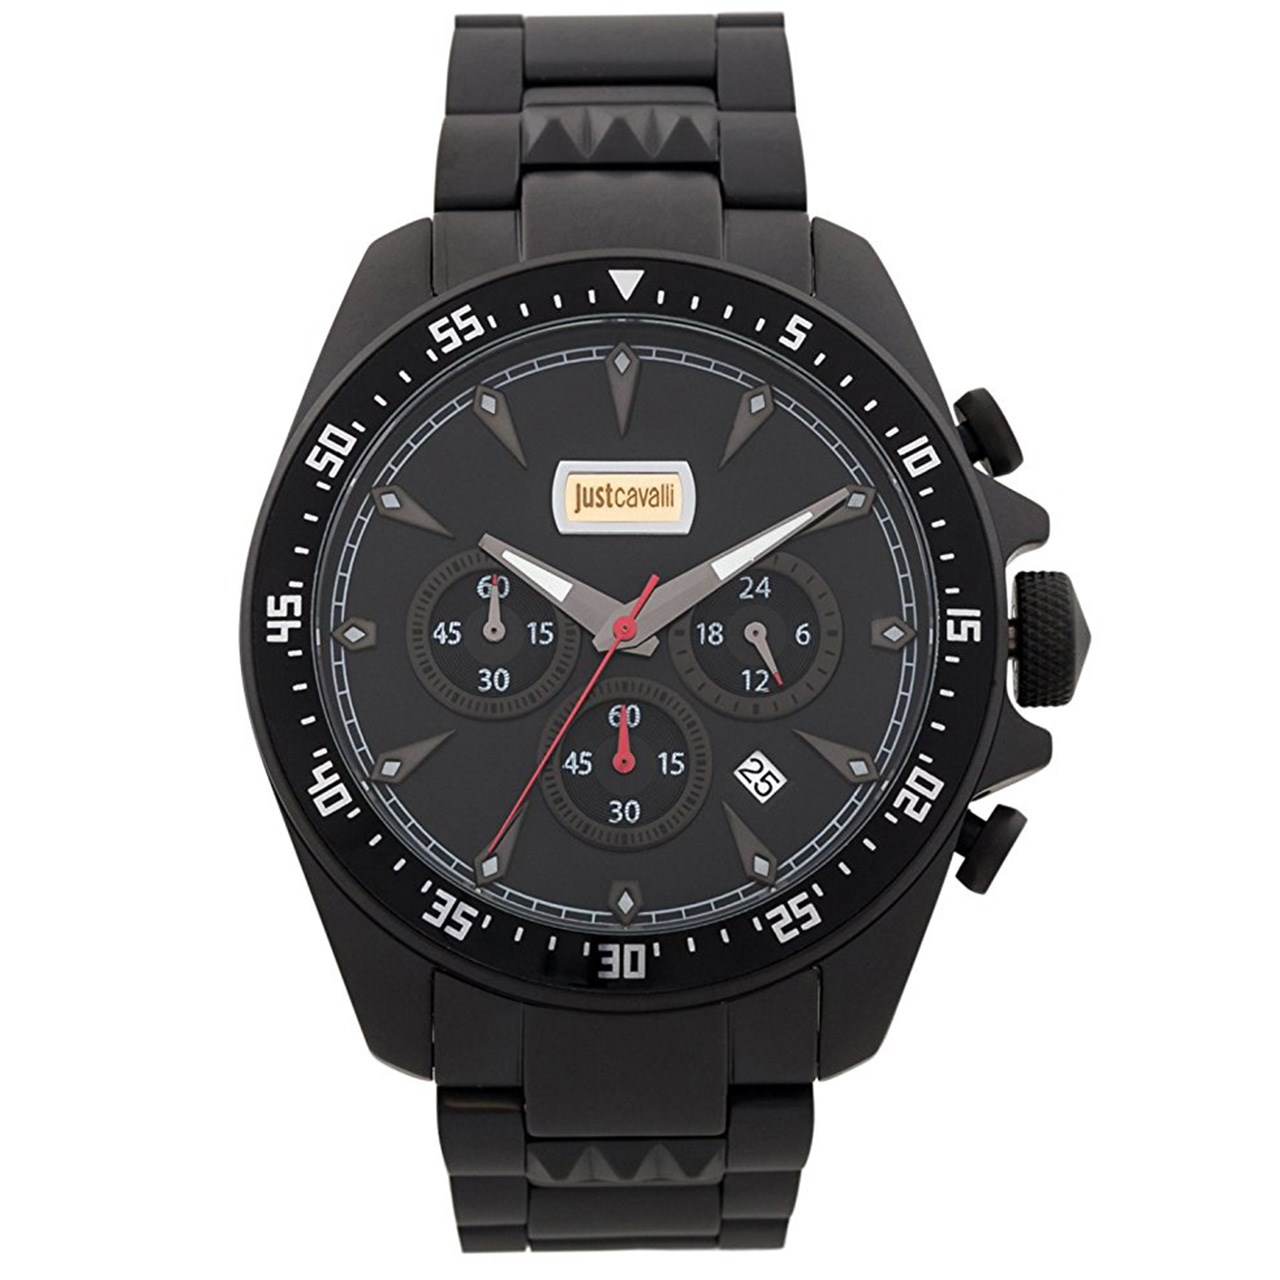 ساعت مچی عقربه ای مردانه جاست کاوالی مدل JC1G013M0065 29